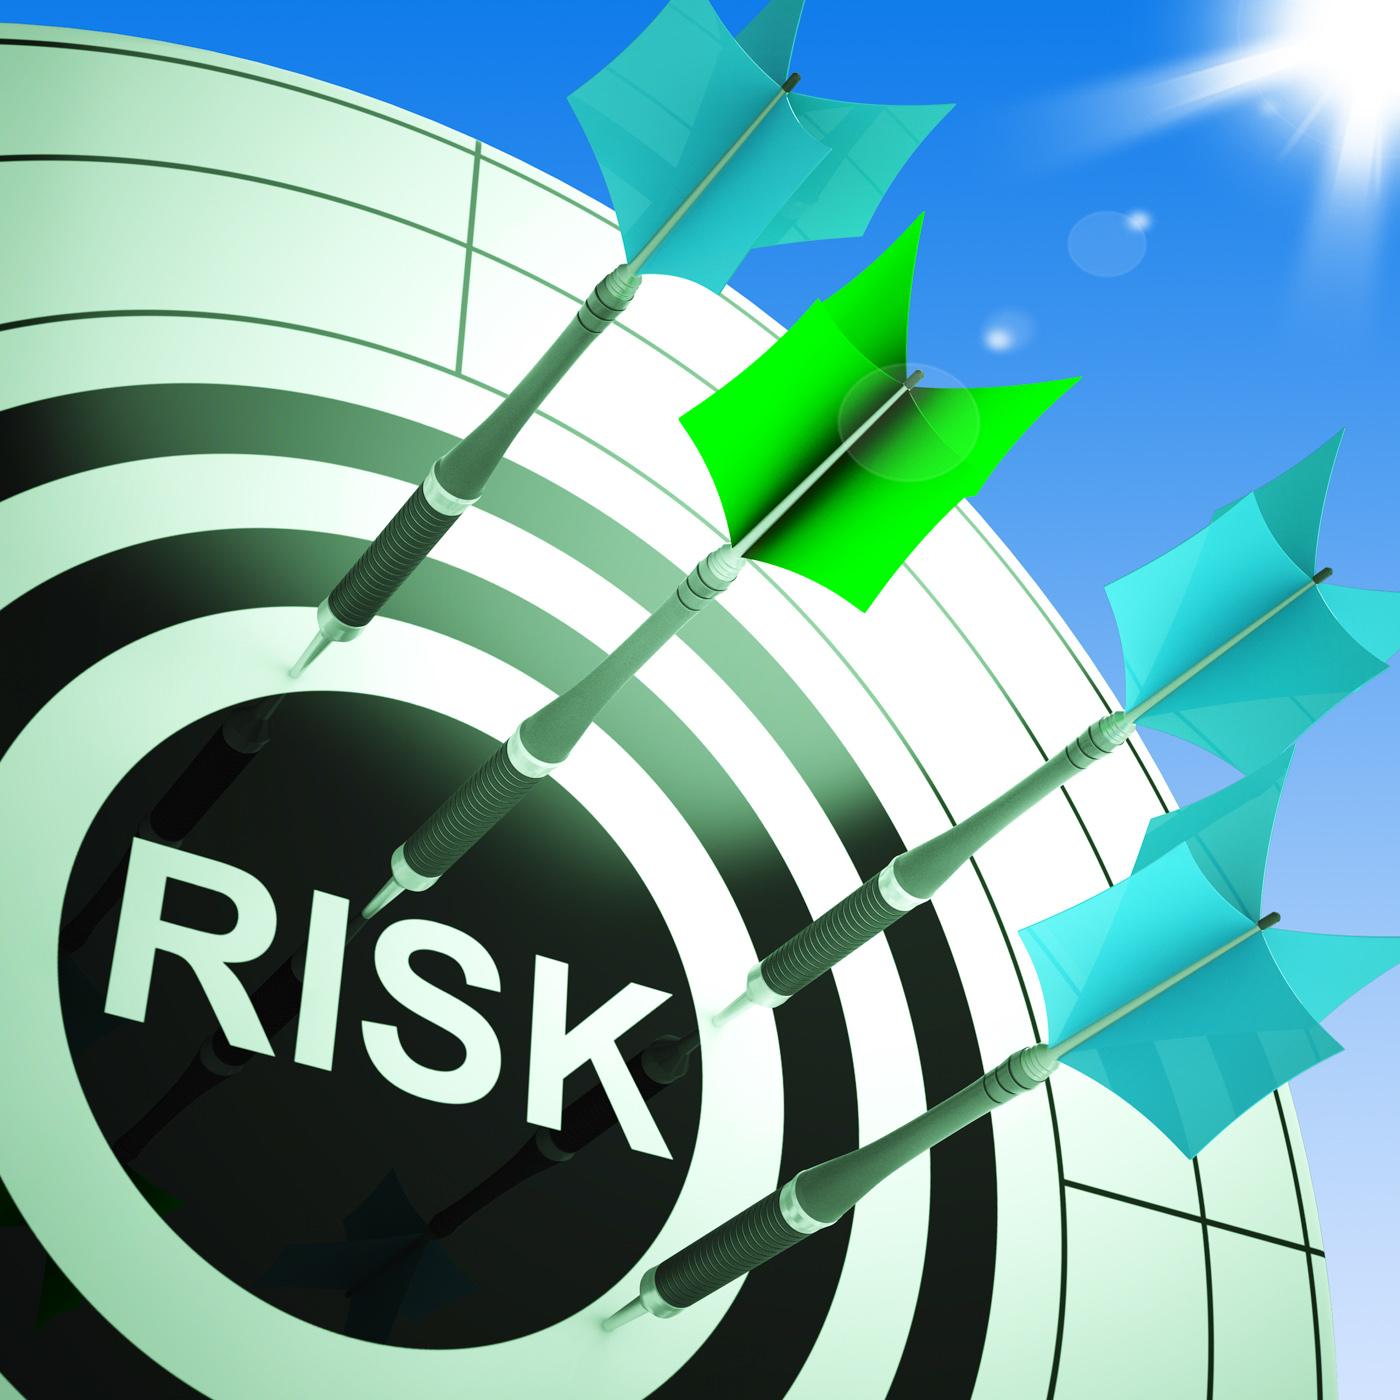 Risk on dartboard showing dangerous photo